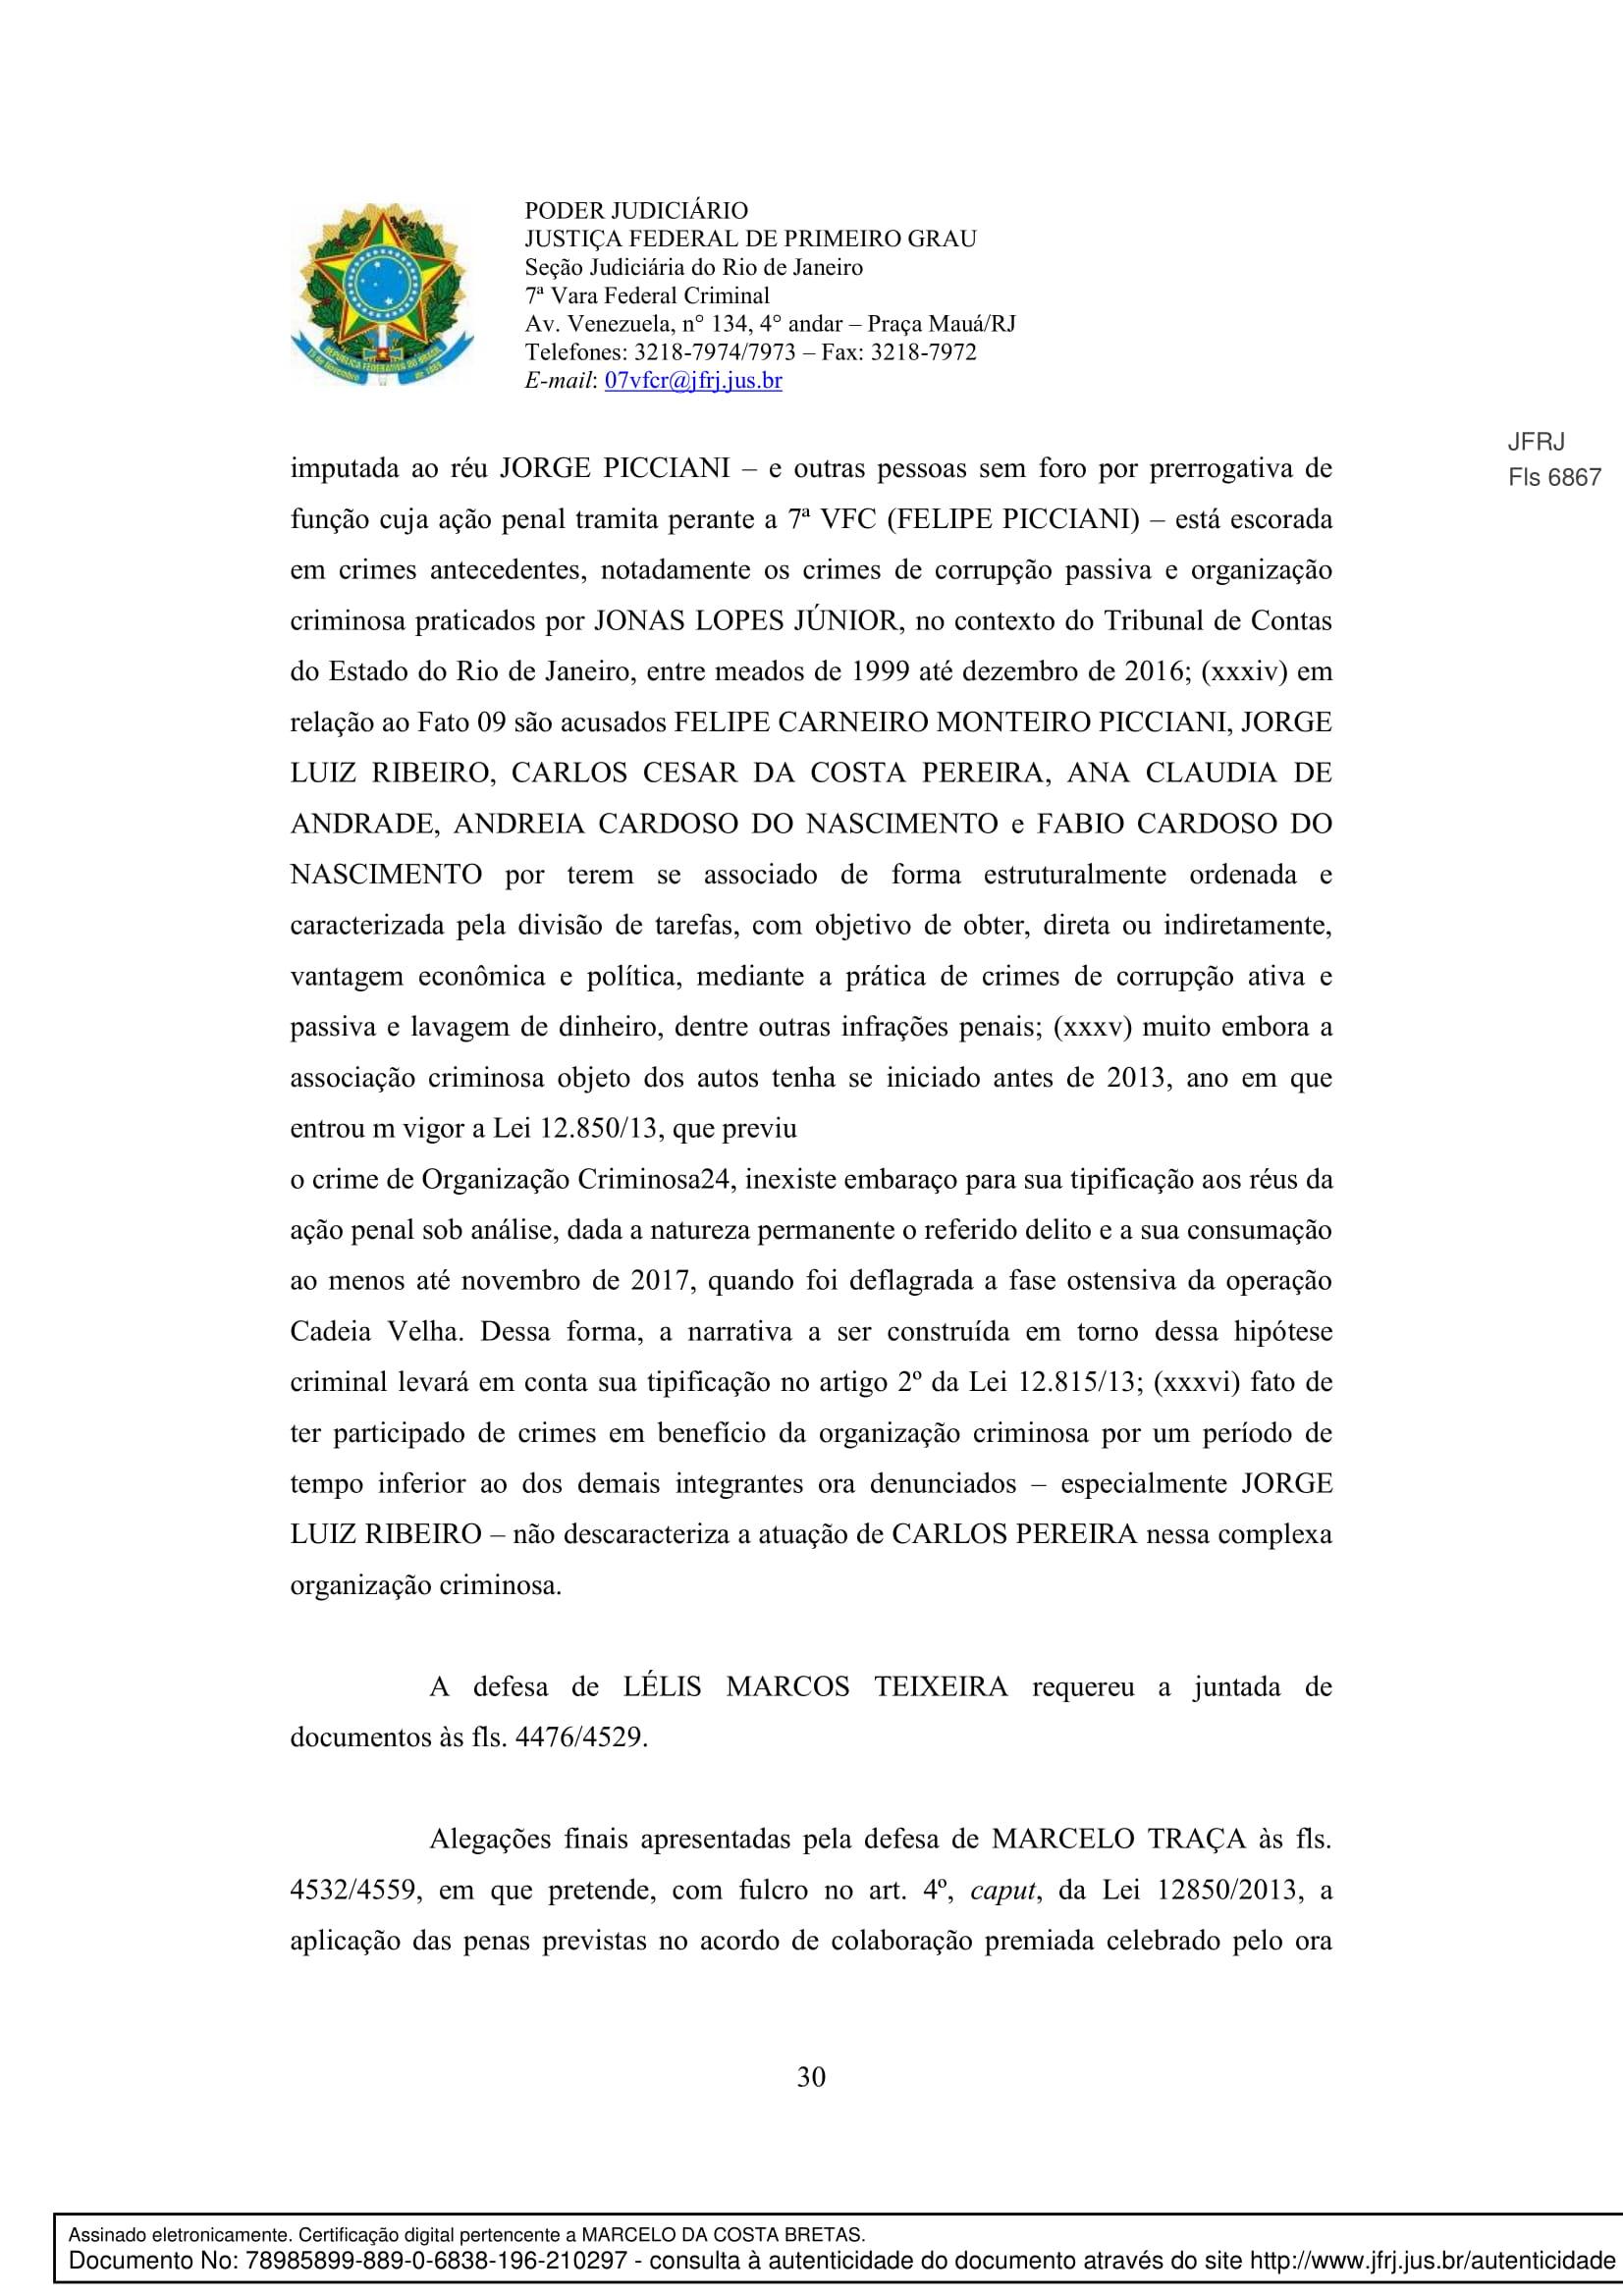 Sentenca-Cadeia-Velha-7VFC-030